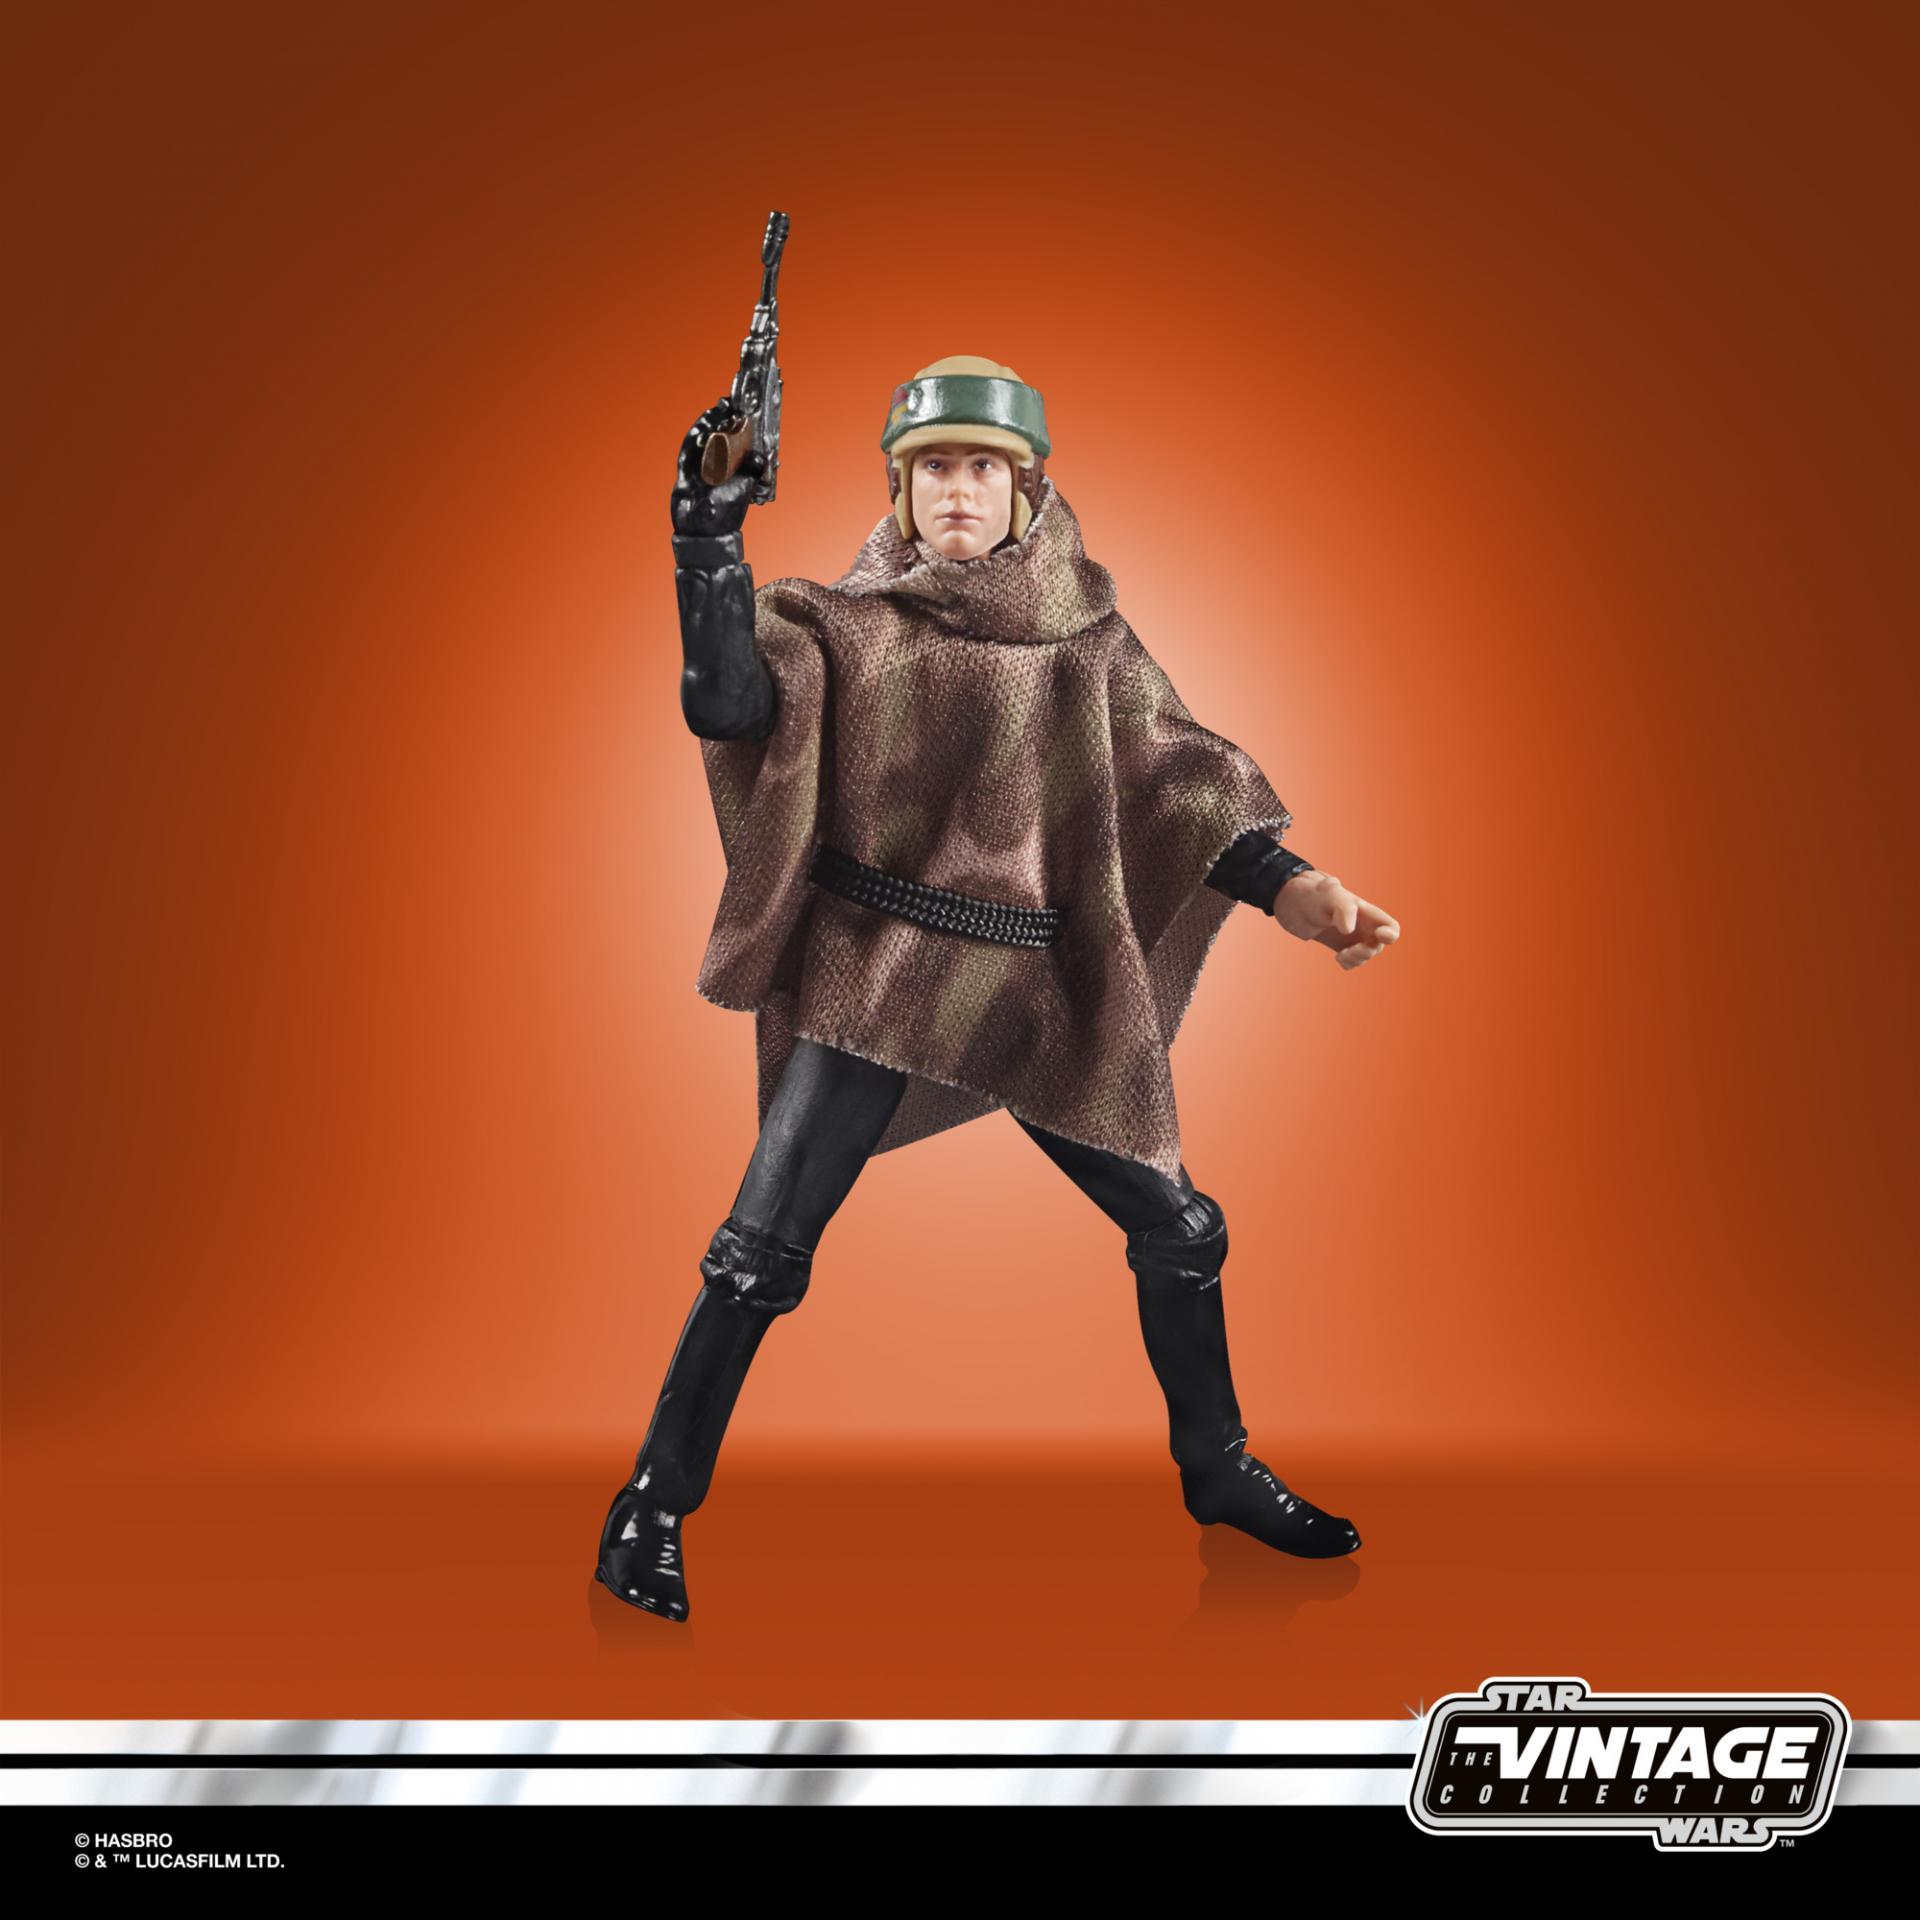 Star wars the vintage collection luke skywalker endor 4